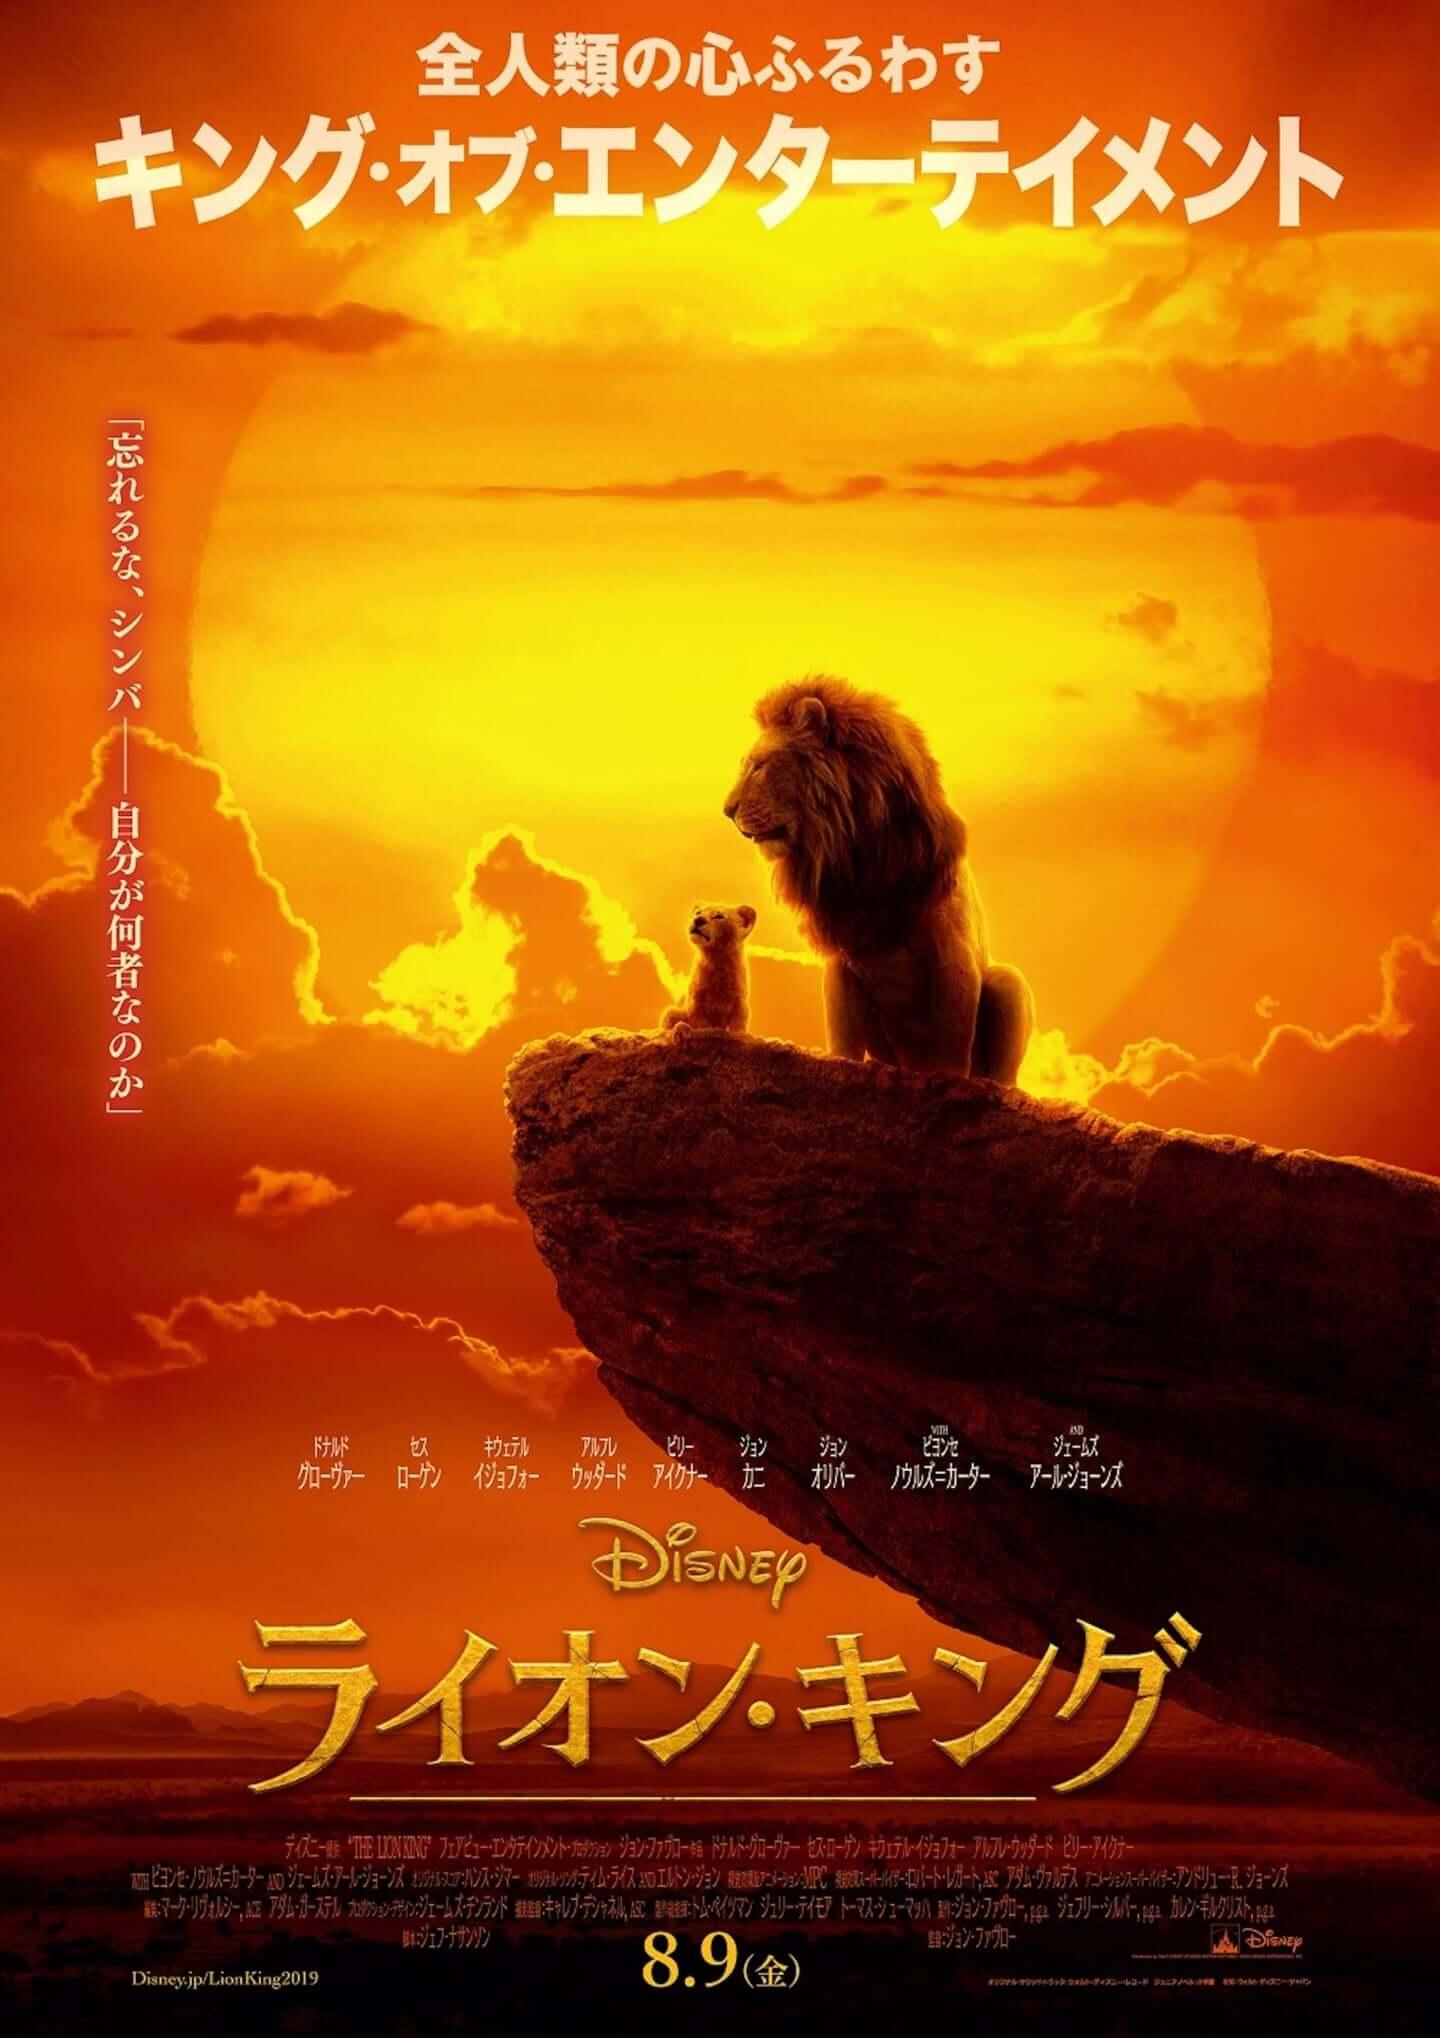 ドナルド・グローヴァー&ビヨンセの歌声がついに解禁!『ライオン・キング』スポット映像が公開 film190624_lionking_main-1440x2038